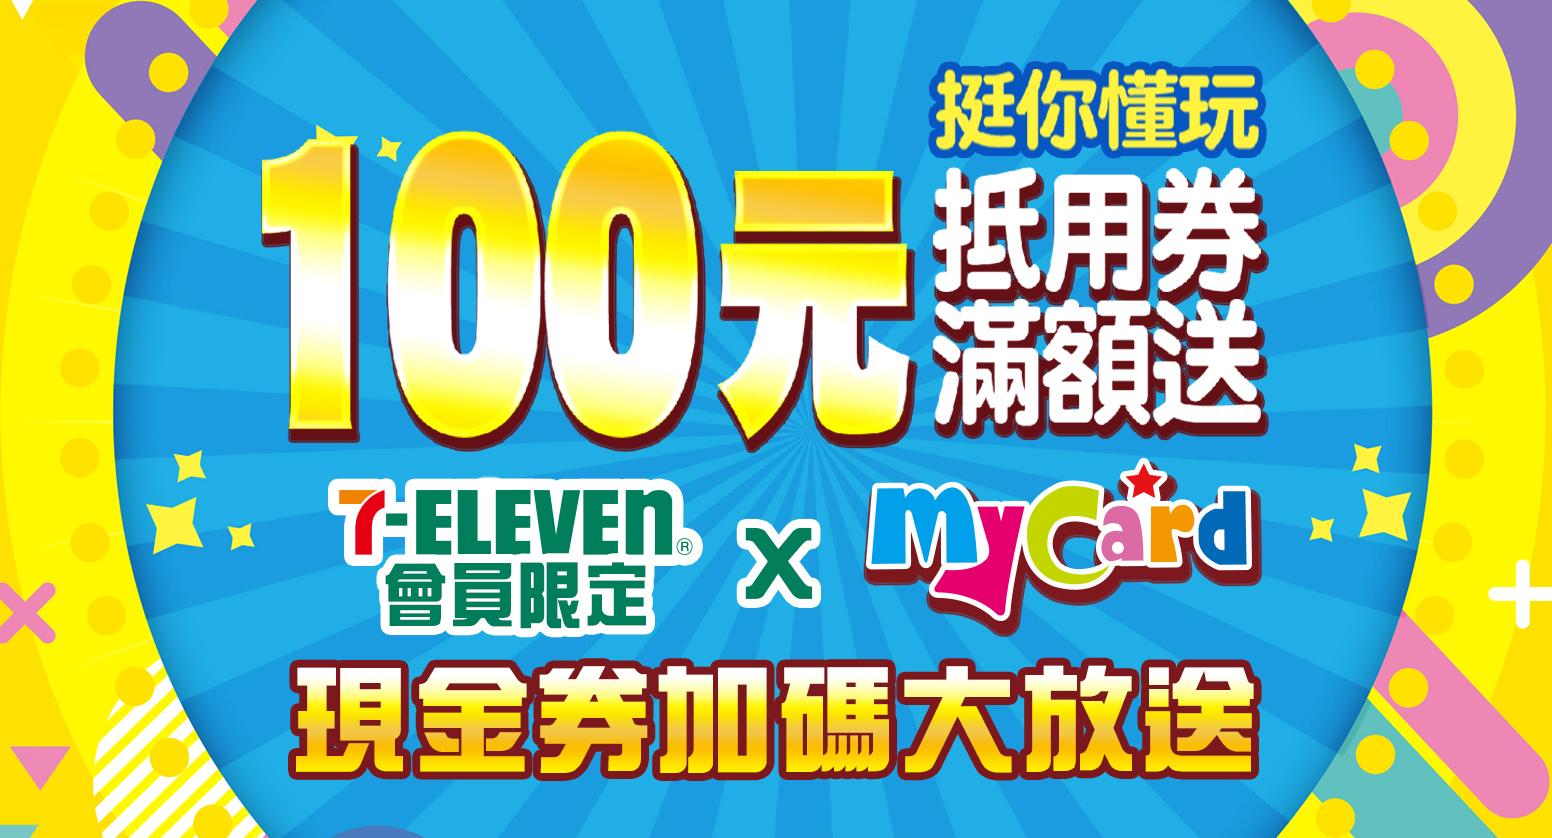 7-ELEVEN會員限定 X MyCard 現金券加碼大放送